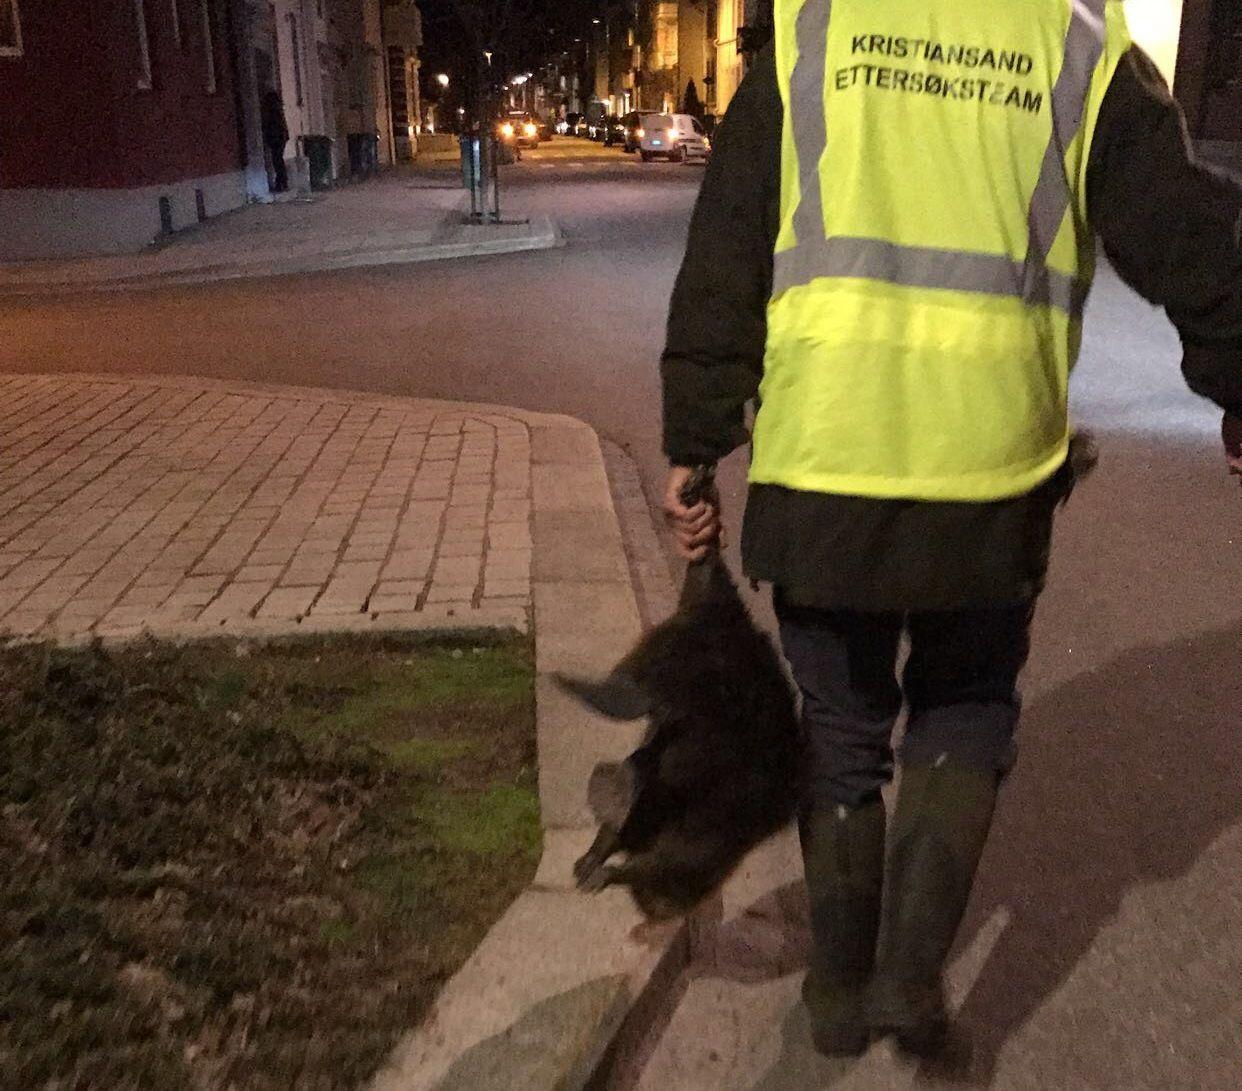 RIKTIG AVGJØRELSE: Dette bildet er tatt like etter at Tom Aurebekk Udø fra Viltnemnda har avlivet en bever i Kristiansand sentrum. Avgjørelsen viste seg å være helt riktig, sier Udø.